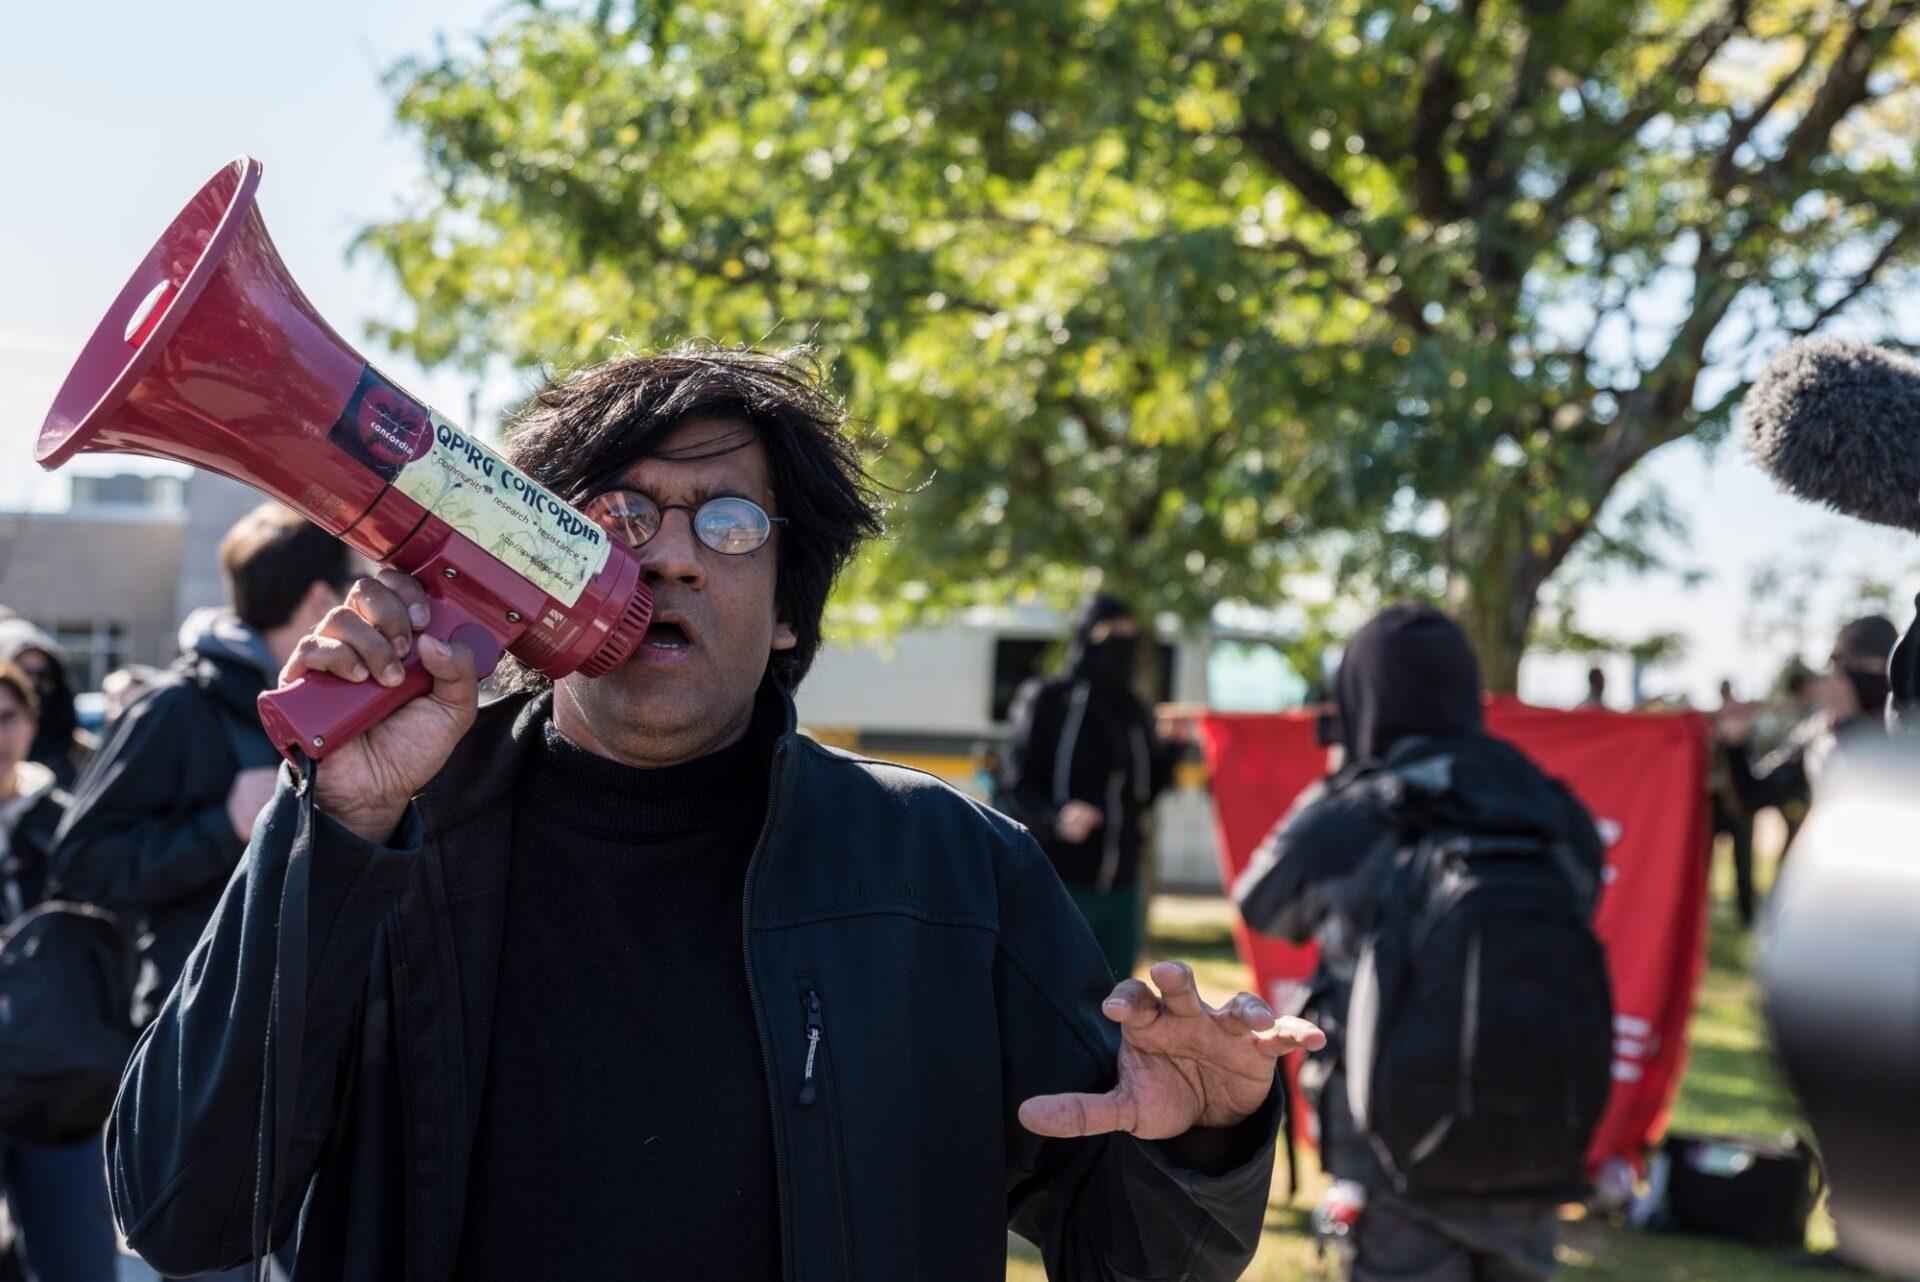 L'activiste Jaggi Singh était présent sur place, assurant l'animation de la manifestation antifasciste   Photo: Martin Ouellet-Diotte Montréal Campus